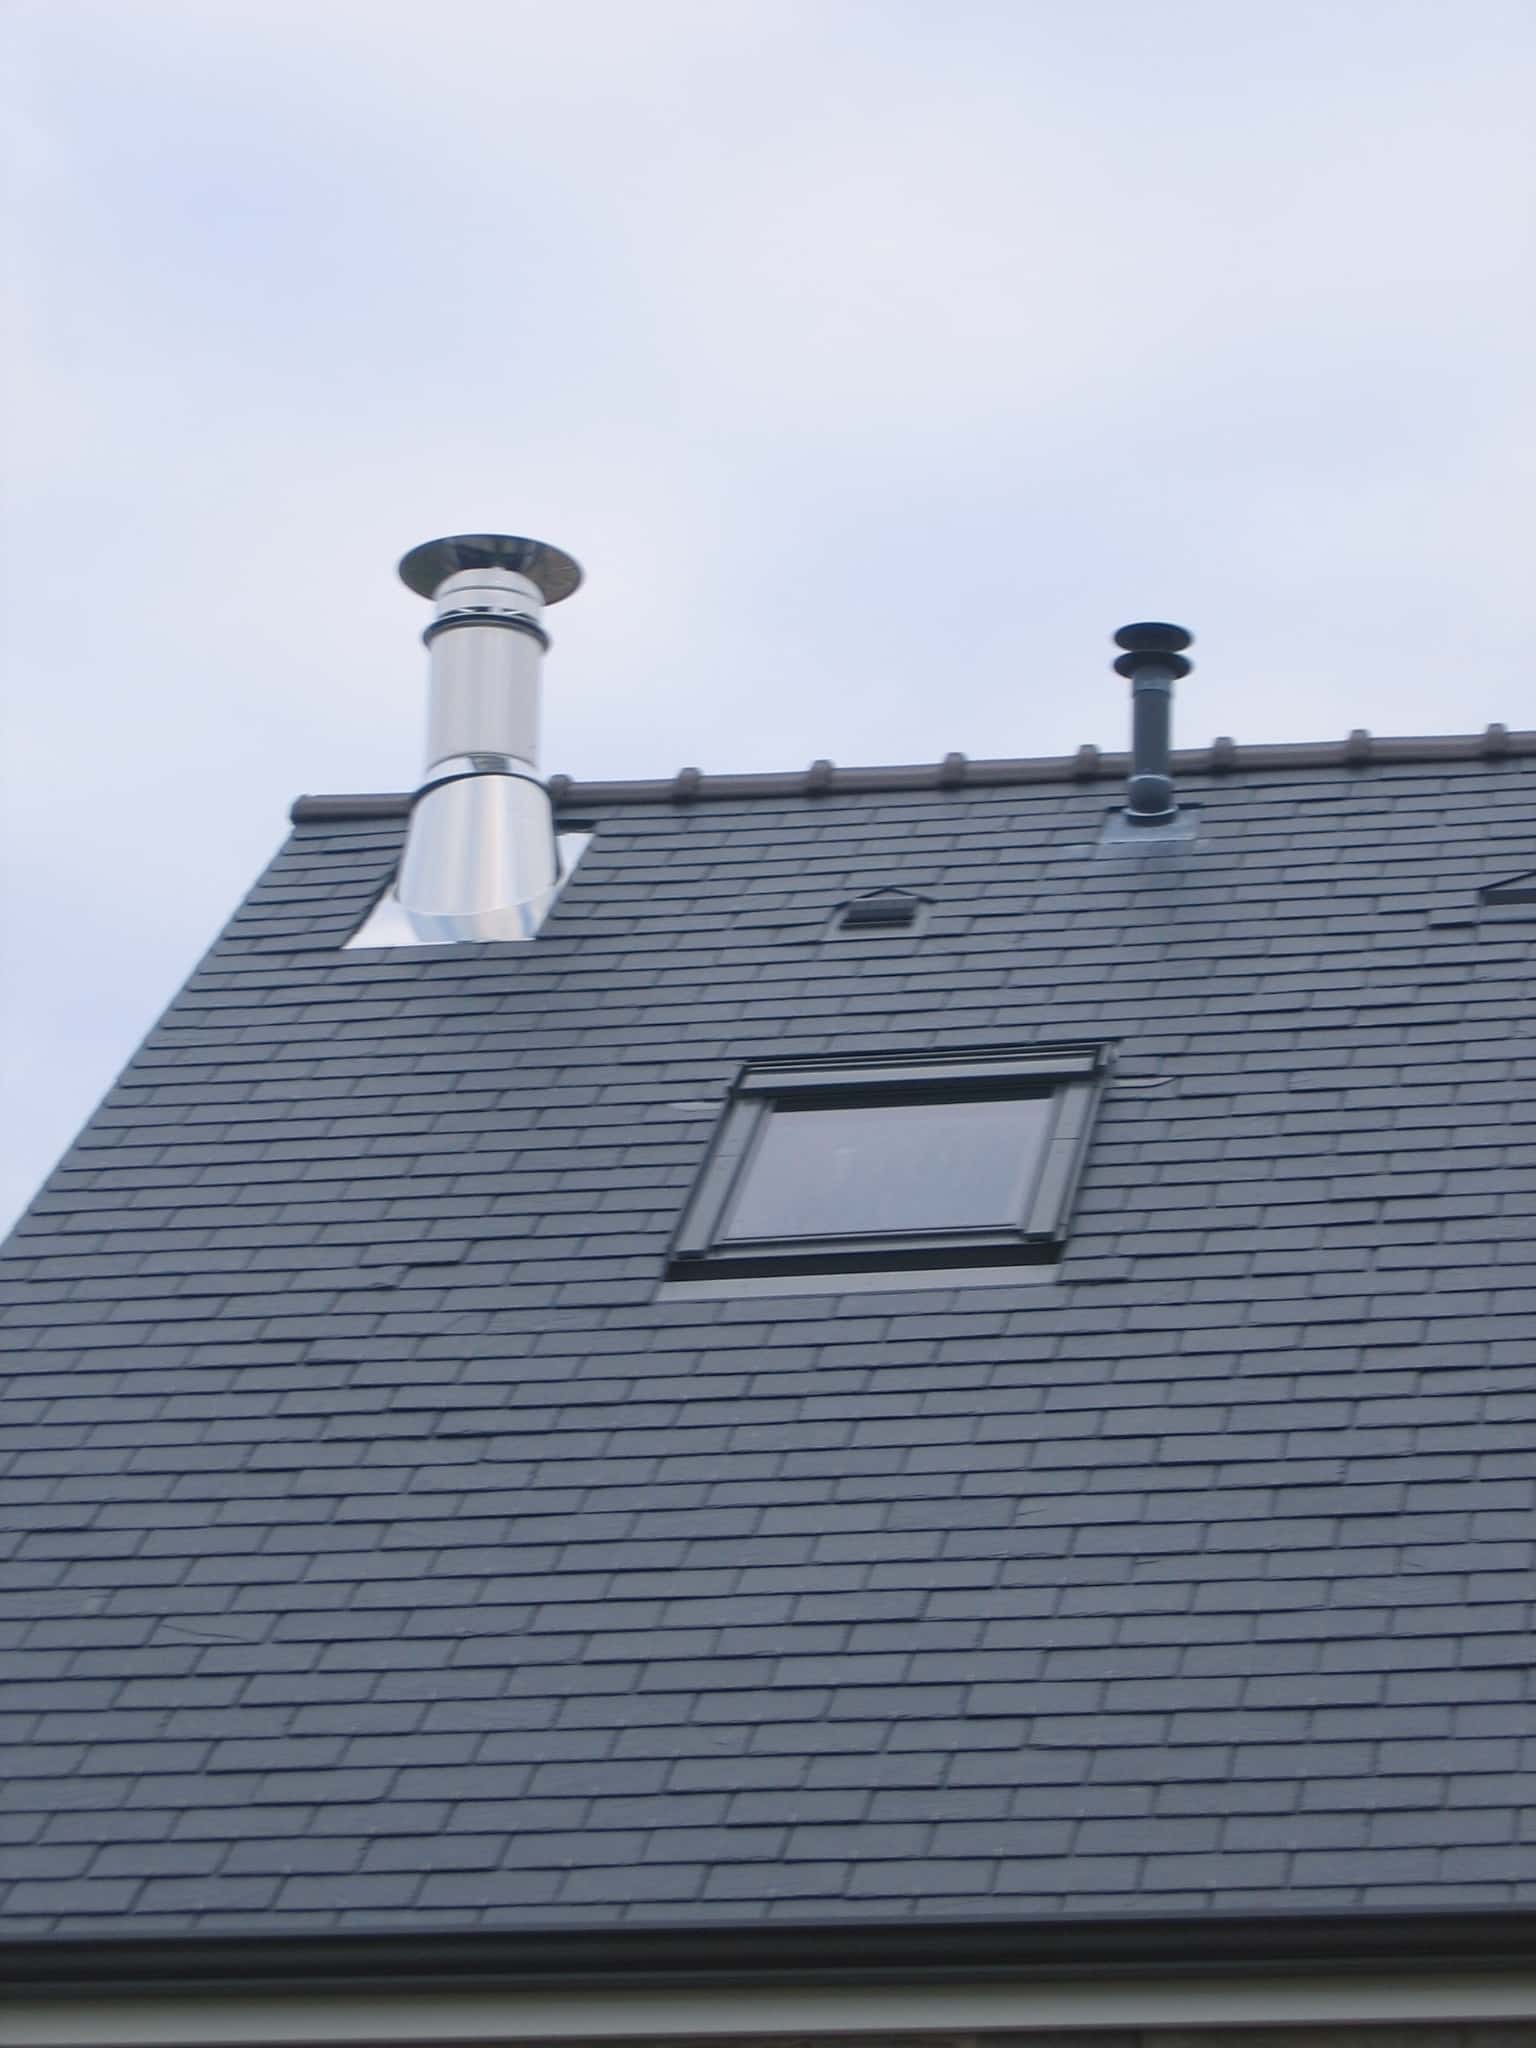 Sortie de toît pour poêle cheminée à Brissac-Quincé